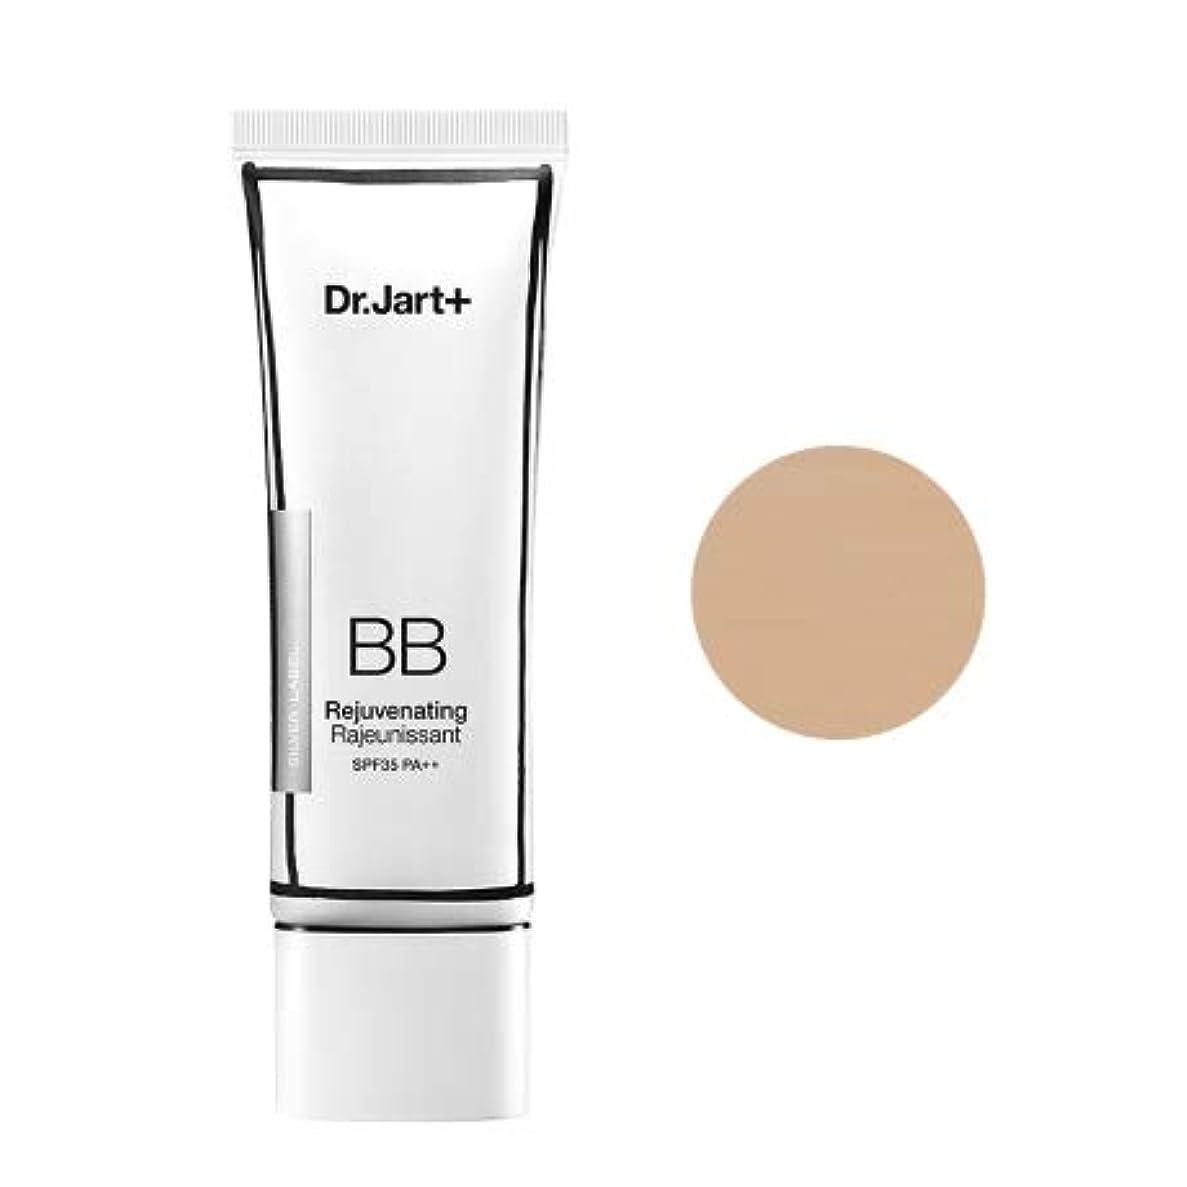 健康的練習した段落[Upgrade] Dr.Jart+Dermakeup Rejuvenating Beauty Balm SPF35 PA++ 50ml /ドクタージャルトゥザメーキャップリージュビネイティンビューティーバーム SPF35...